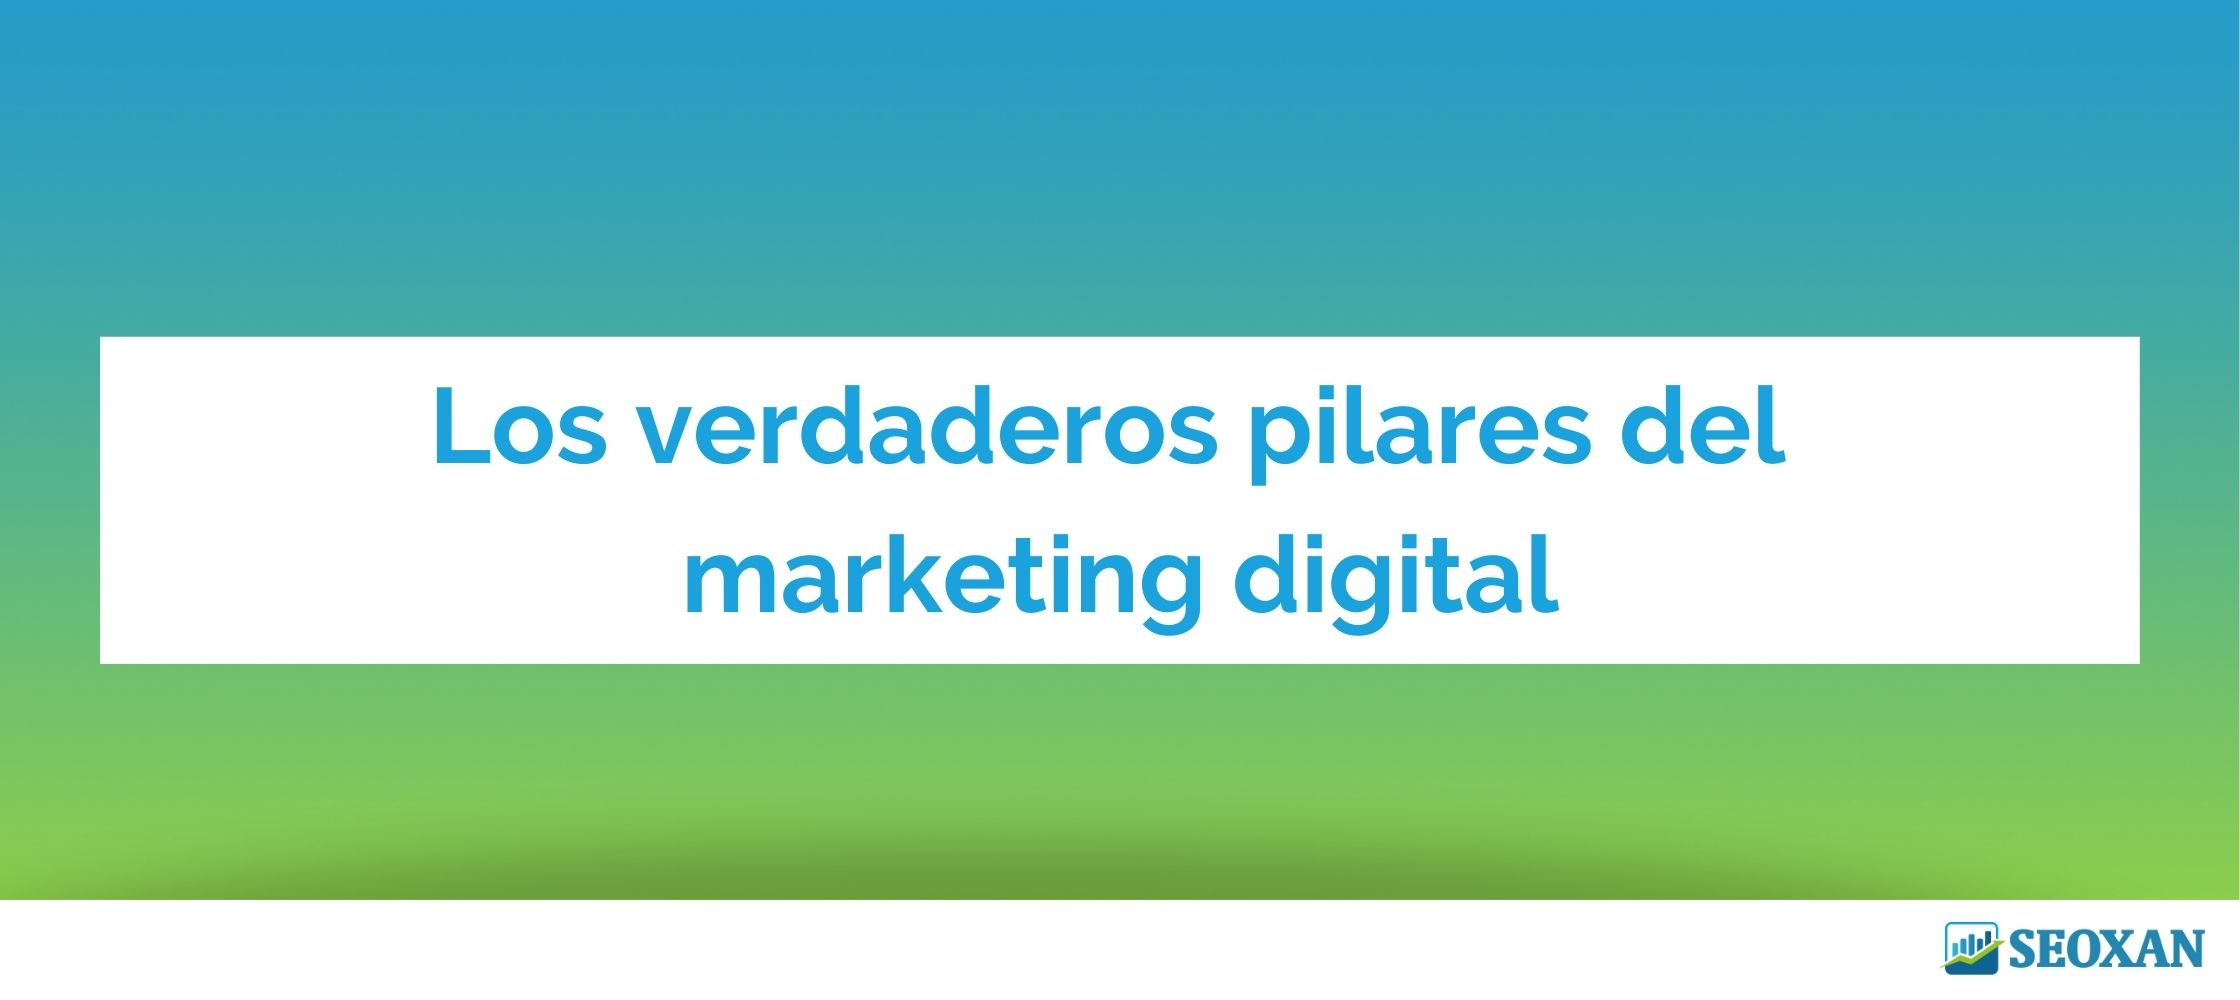 Los verdaderos pilares del marketing digital